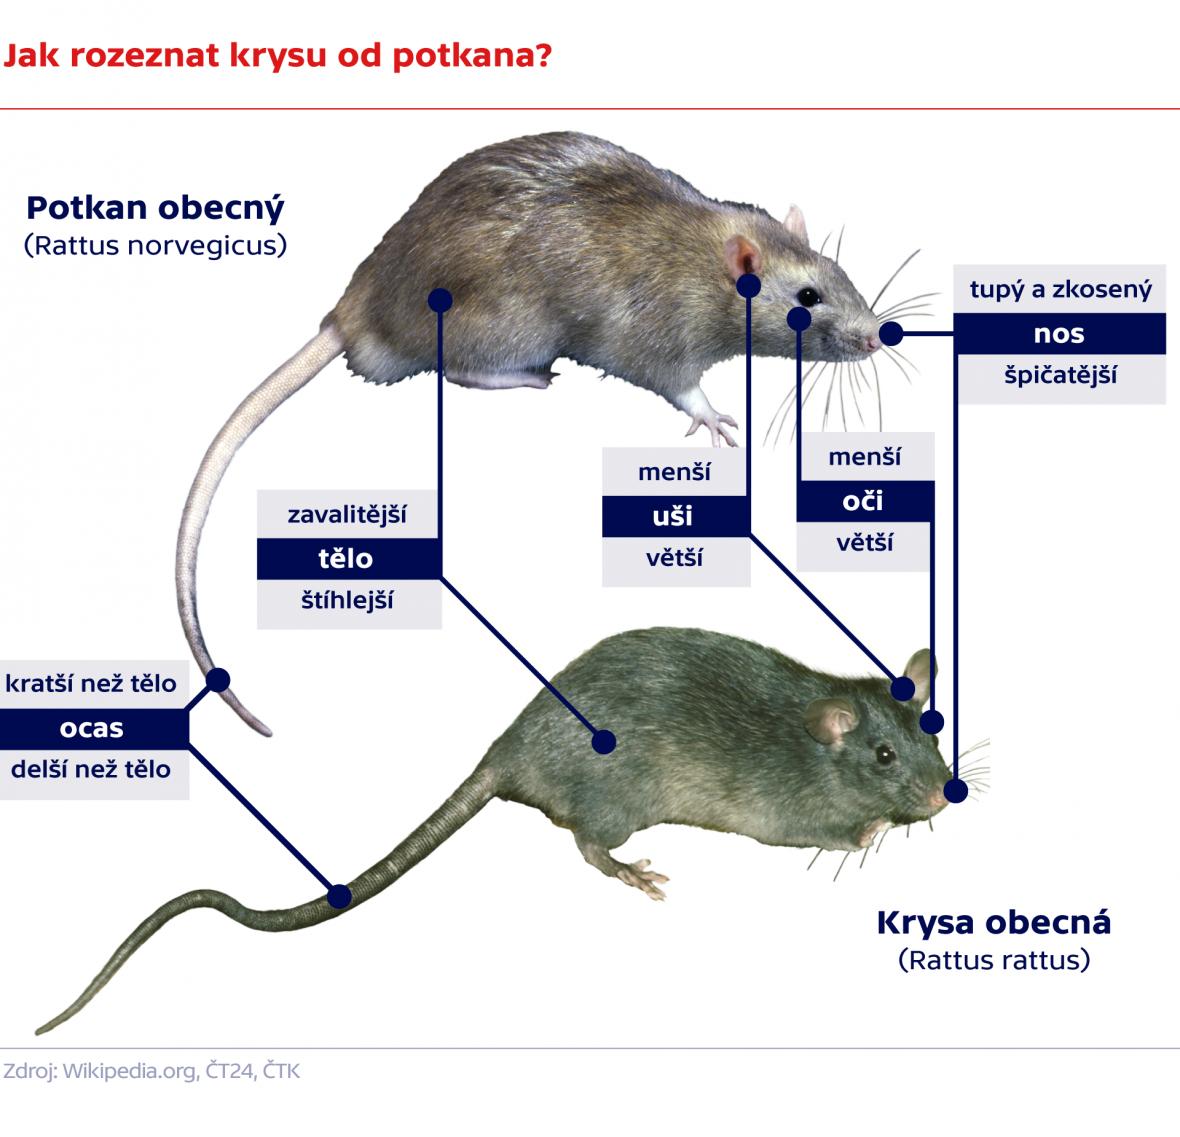 Jak rozeznat krysu od potkana?